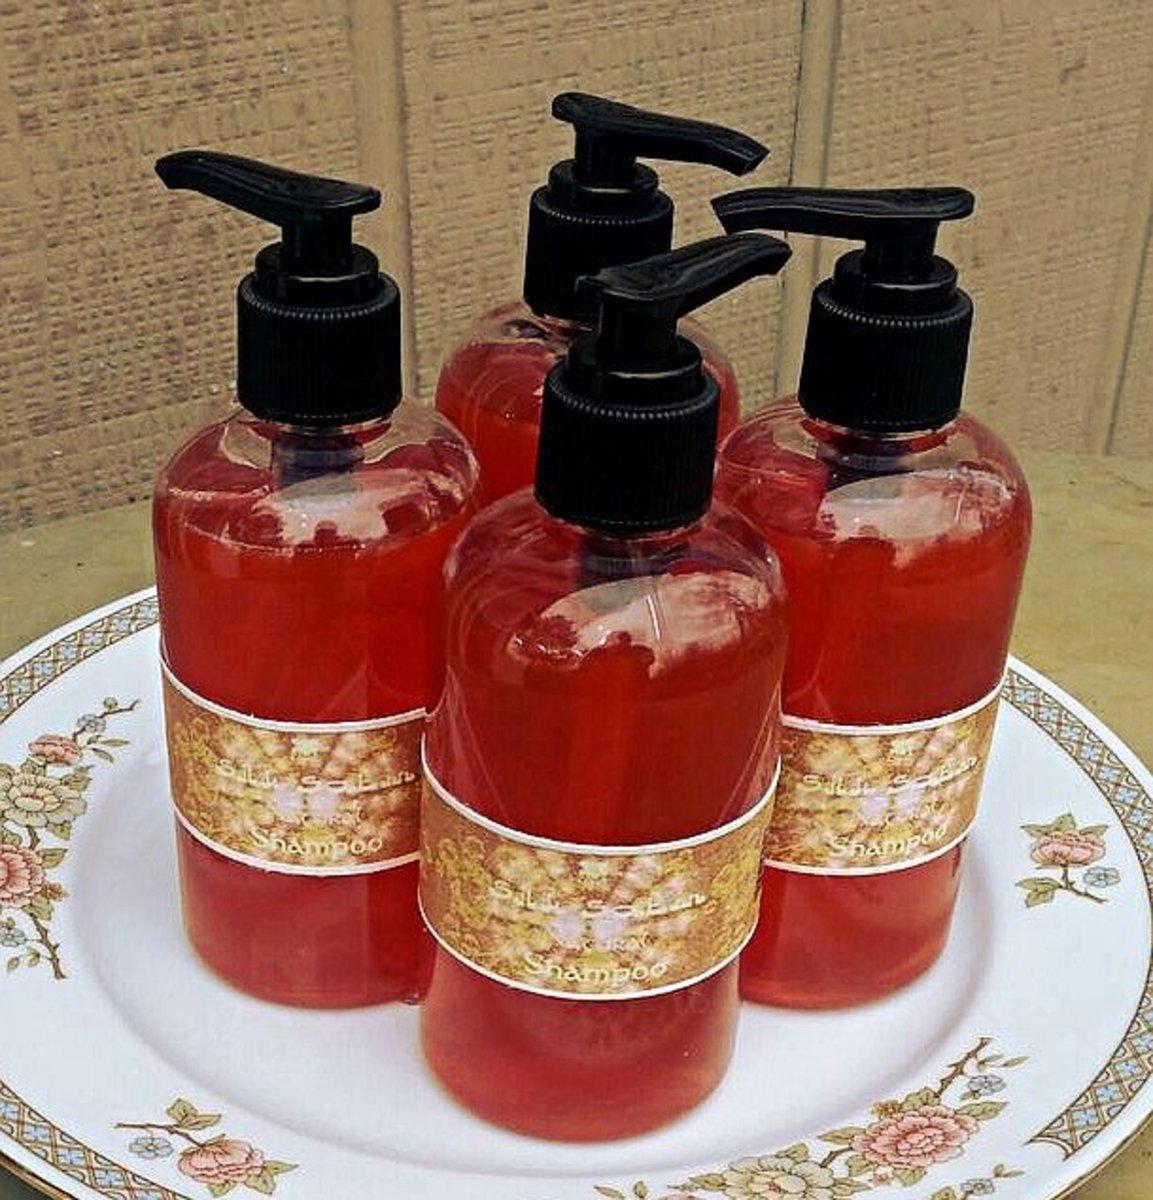 How to Make Homemade Liquid Shampoo